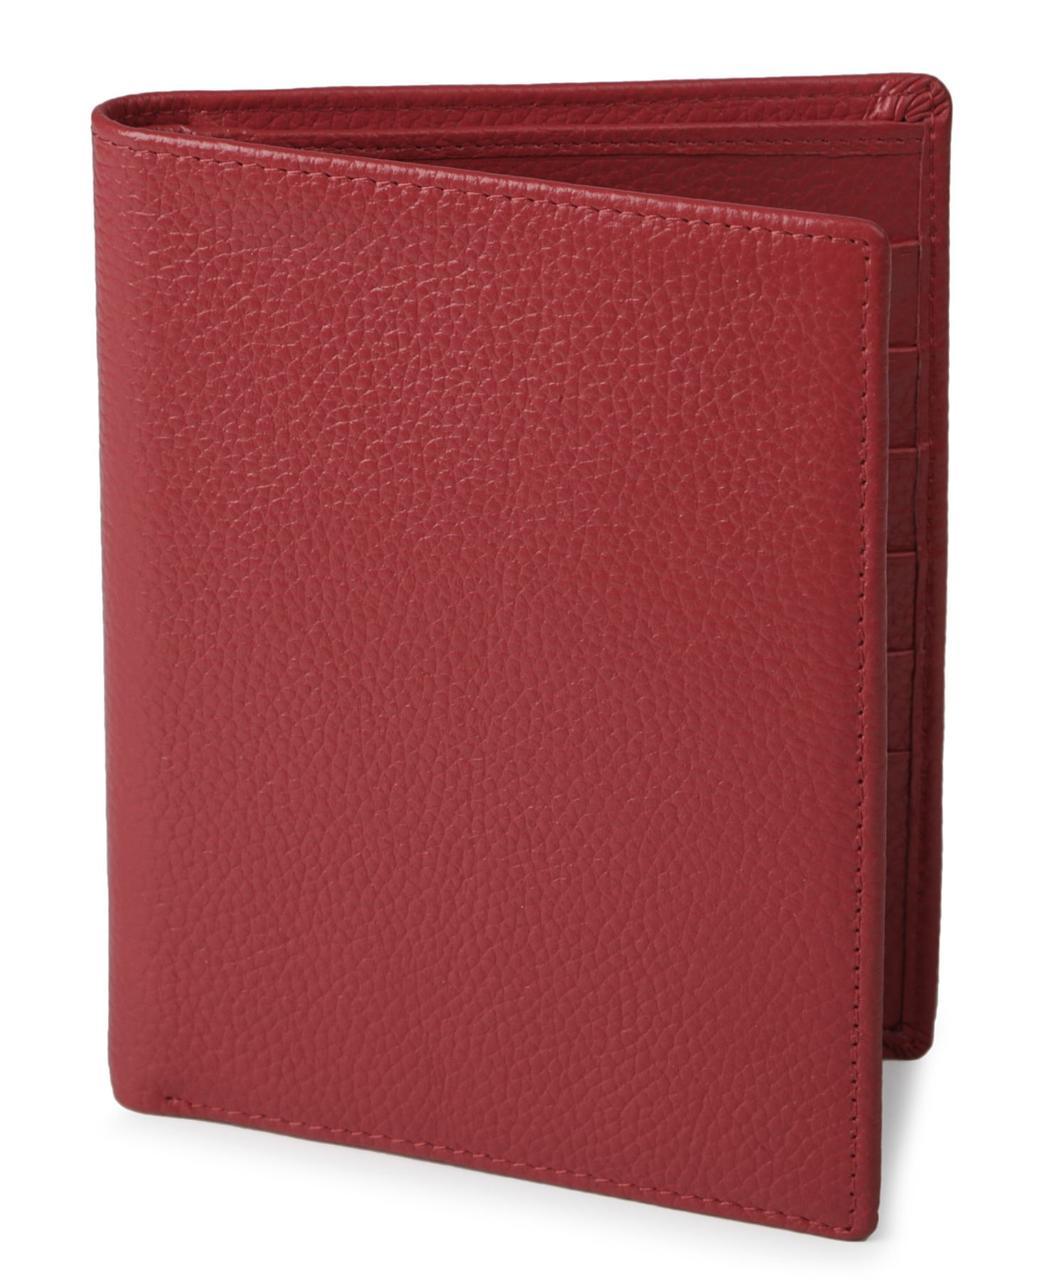 Кошелек SHVIGEL 13831 кожаный с отделениями для паспортов Красный